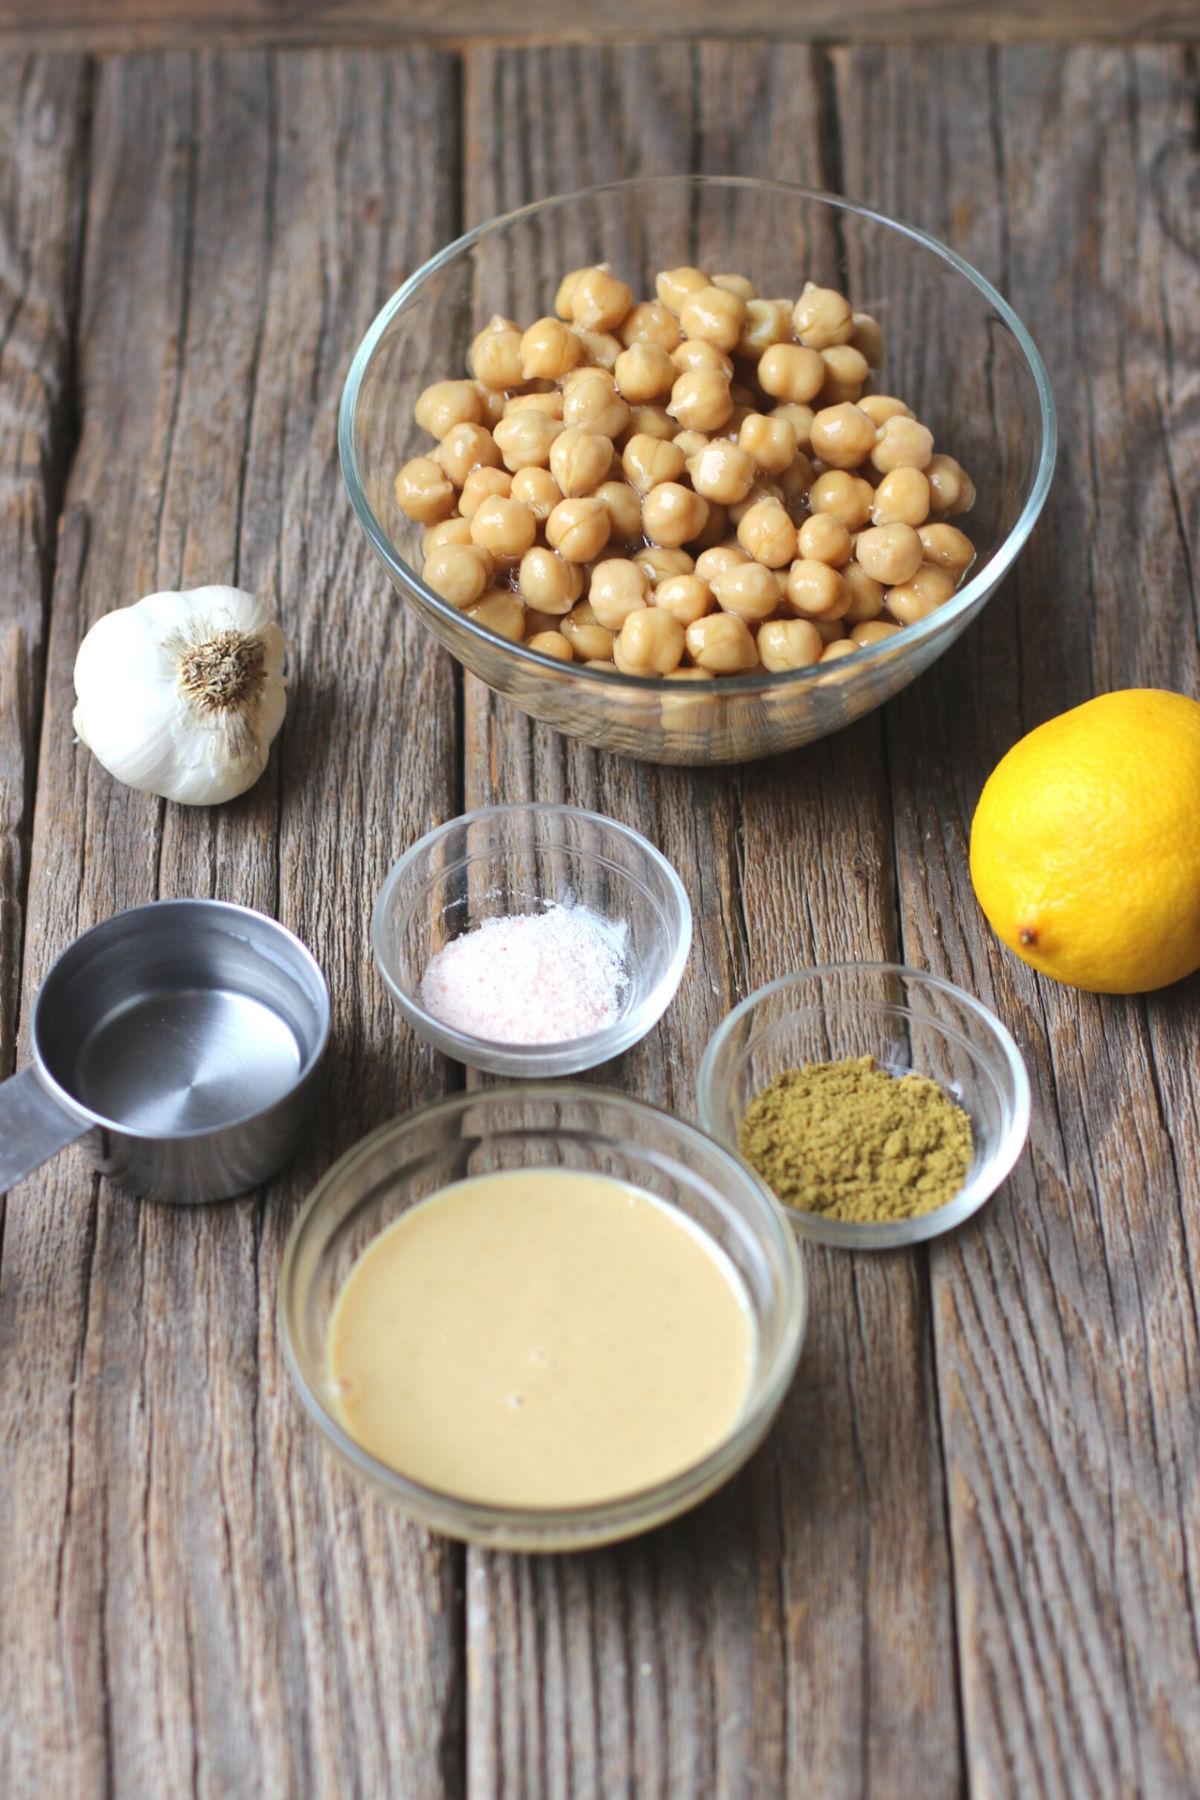 Bowl of garbanzo beans, bulb of garlic, lemon, salt, cumin, tahini and water for oil-free hummus